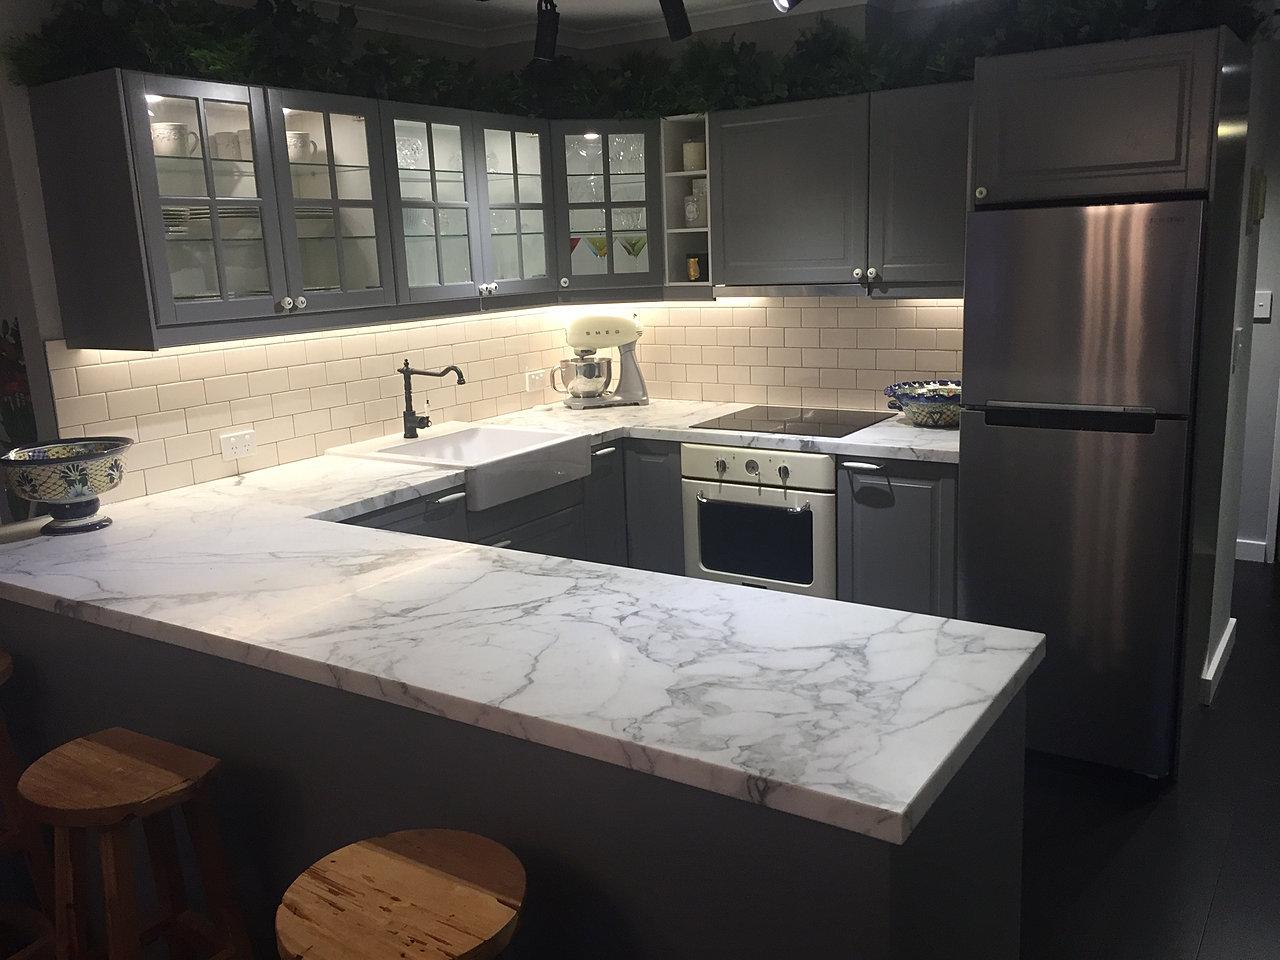 Diy Flat Pack Kitchens Metod Ikea Kitchen Installation Flatpack Kitchen Installer Sydney